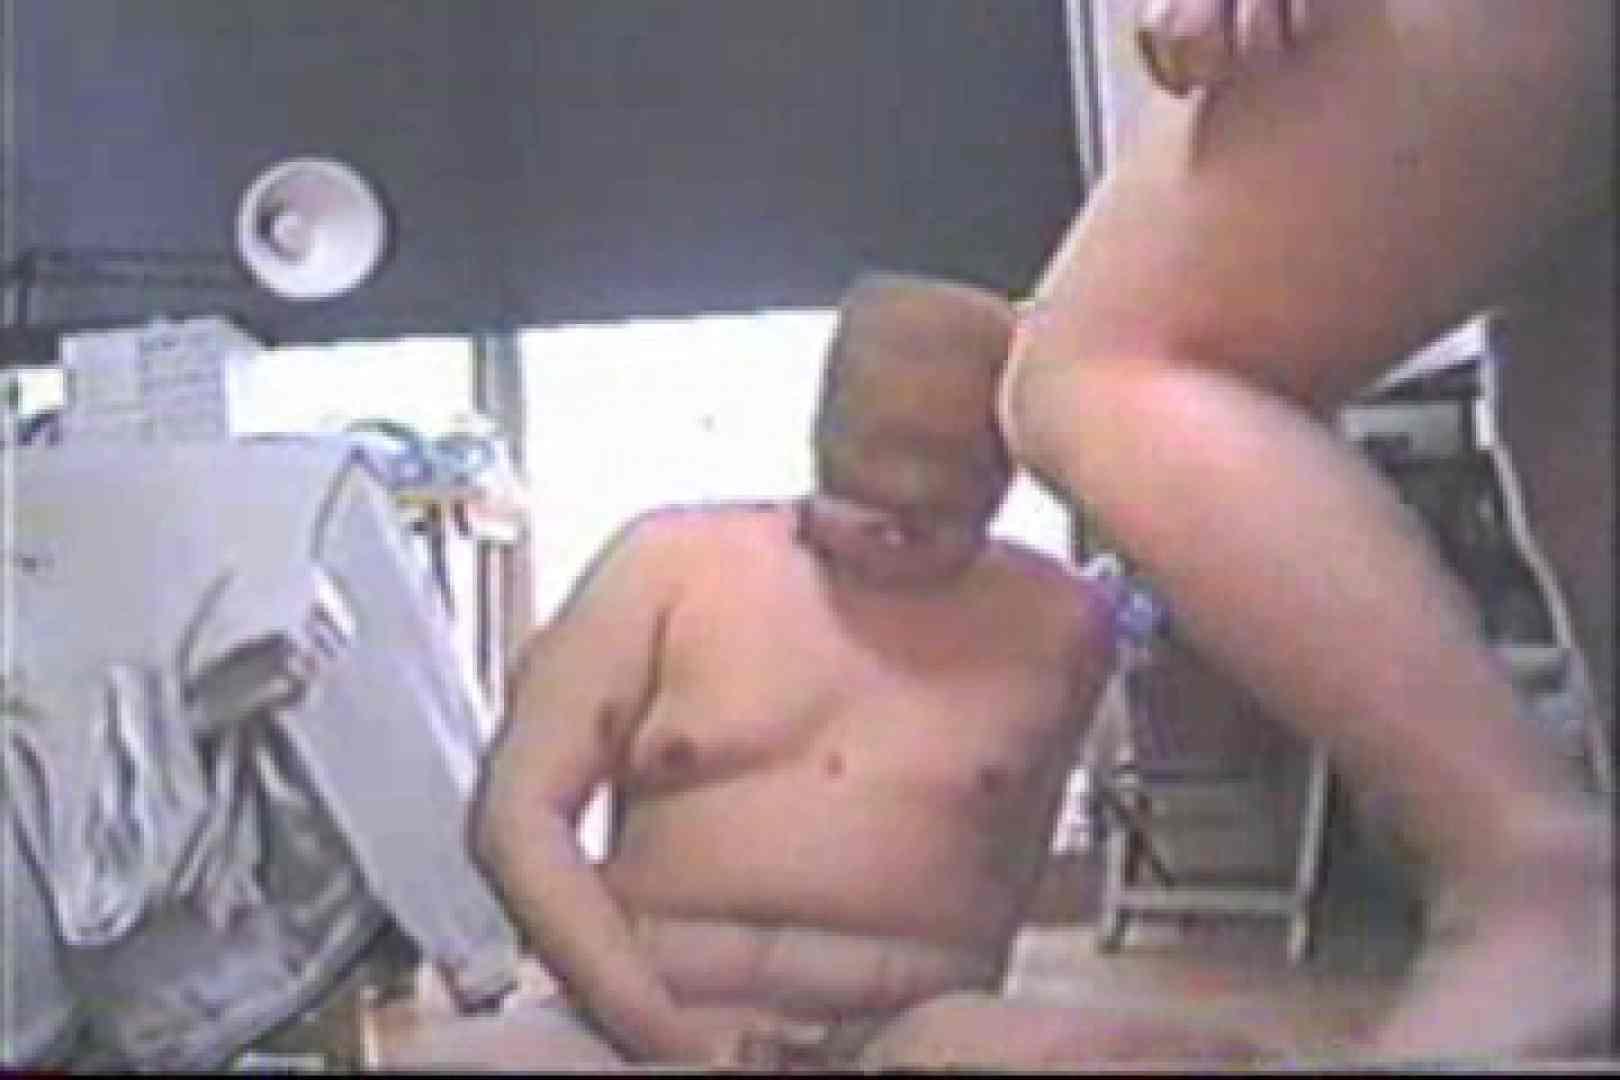 【実録】パンスト仮面は真性包茎!!Hなぽっちゃりカップル 流出作品 ゲイアダルト画像 80pic 40